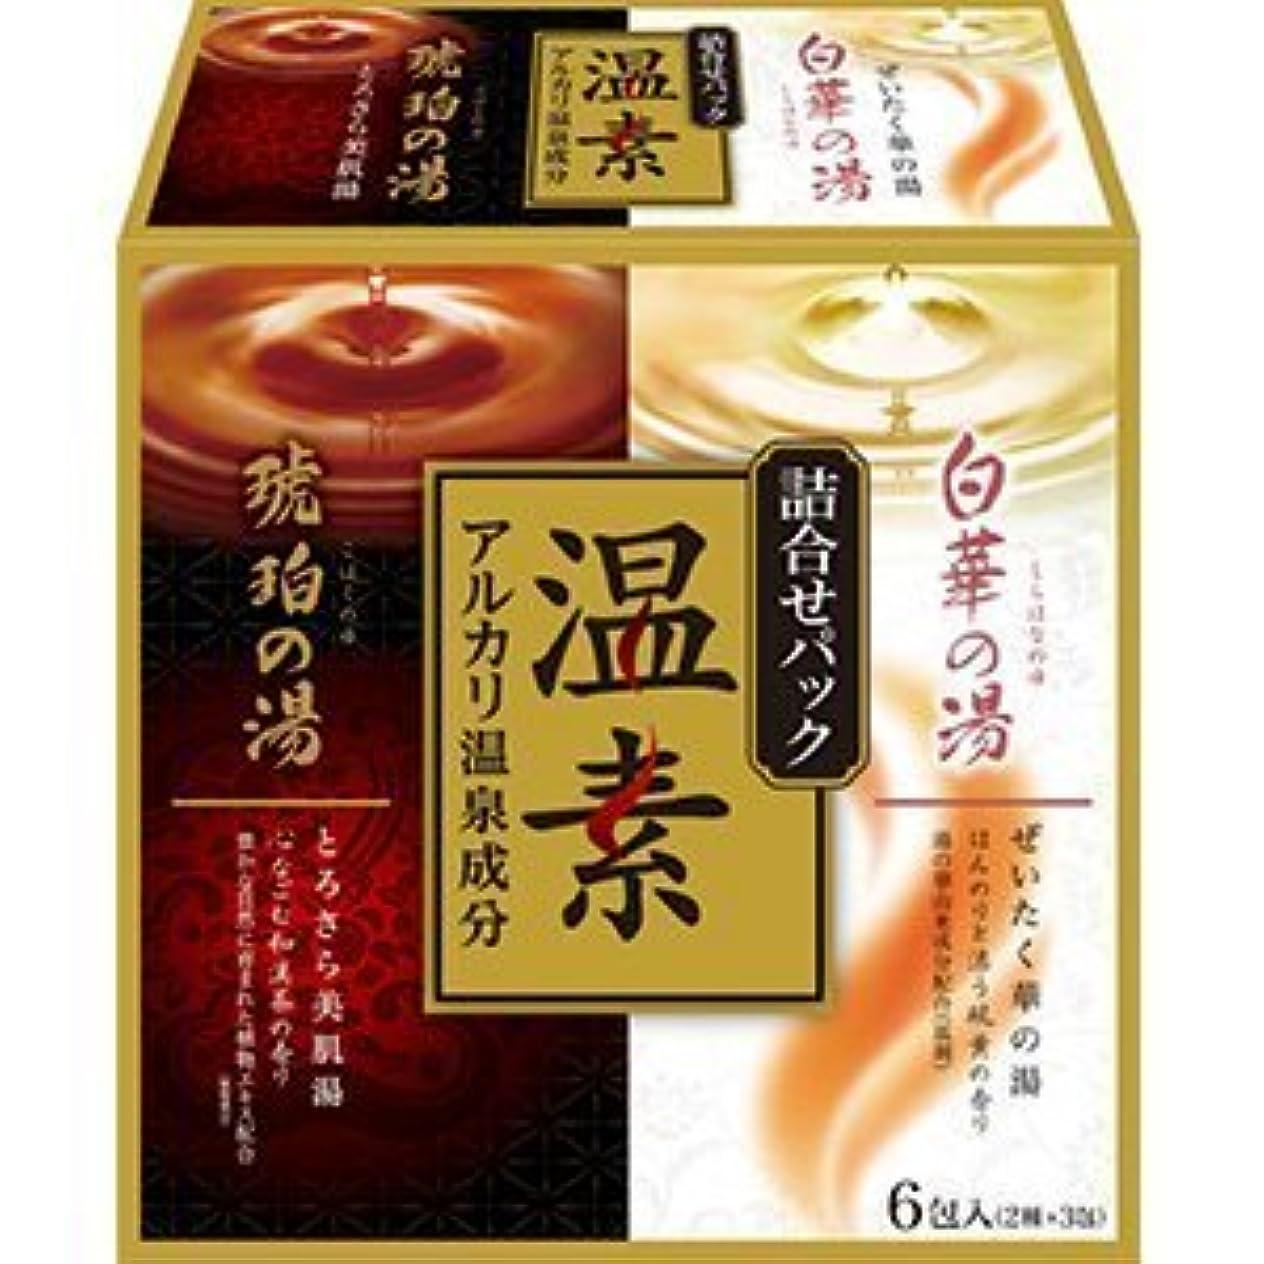 大統領宮殿ハム温素 琥珀の湯&白華の湯 詰合せパック × 3個セット